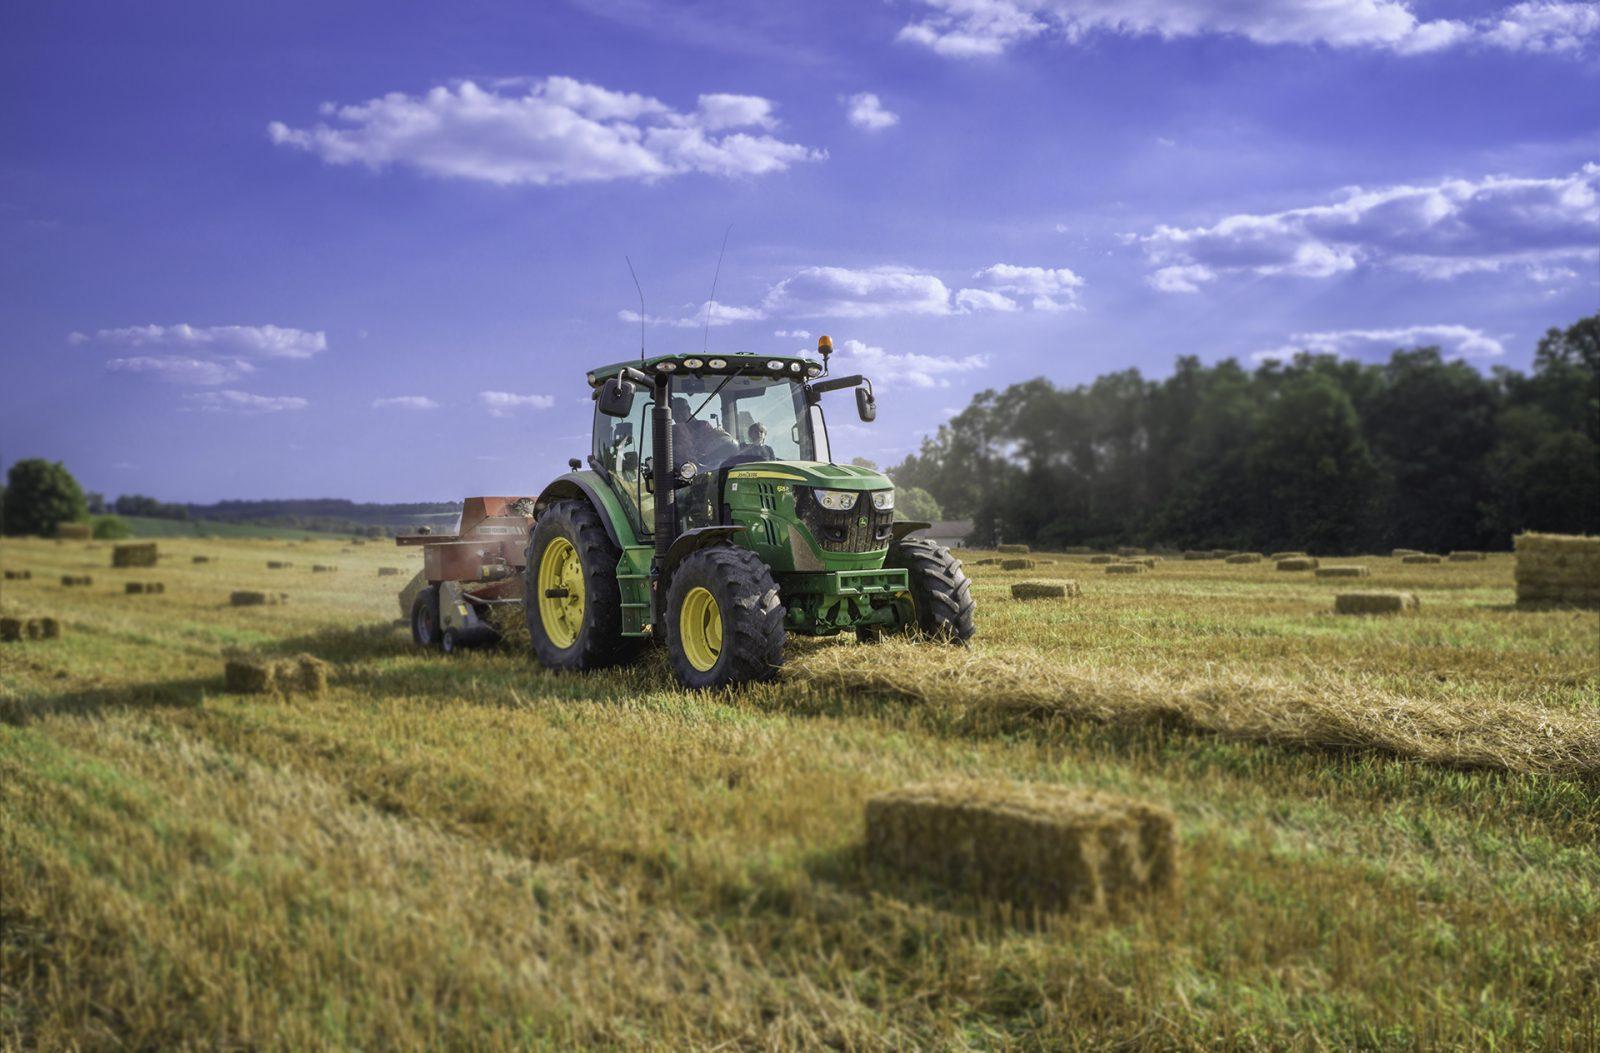 Traktori ajamassa pellolla